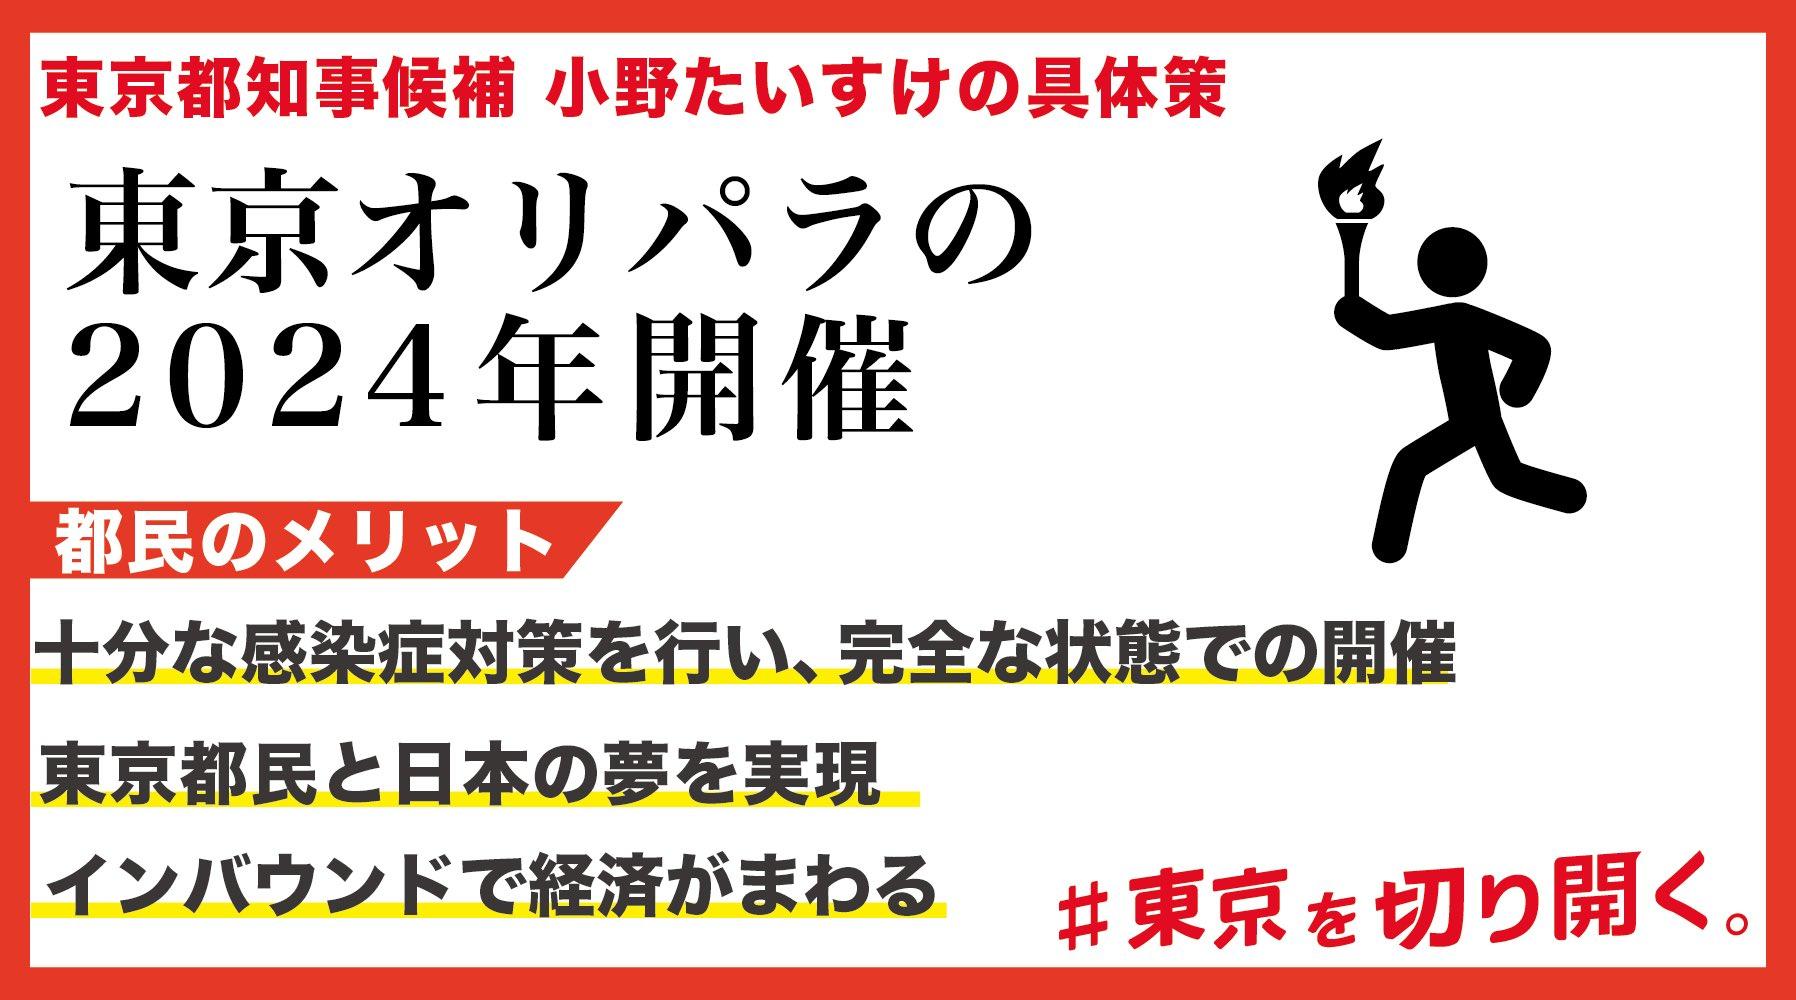 """小野たいすけ(小野泰輔) on Twitter: """"【私が都知事になったら実現 ..."""